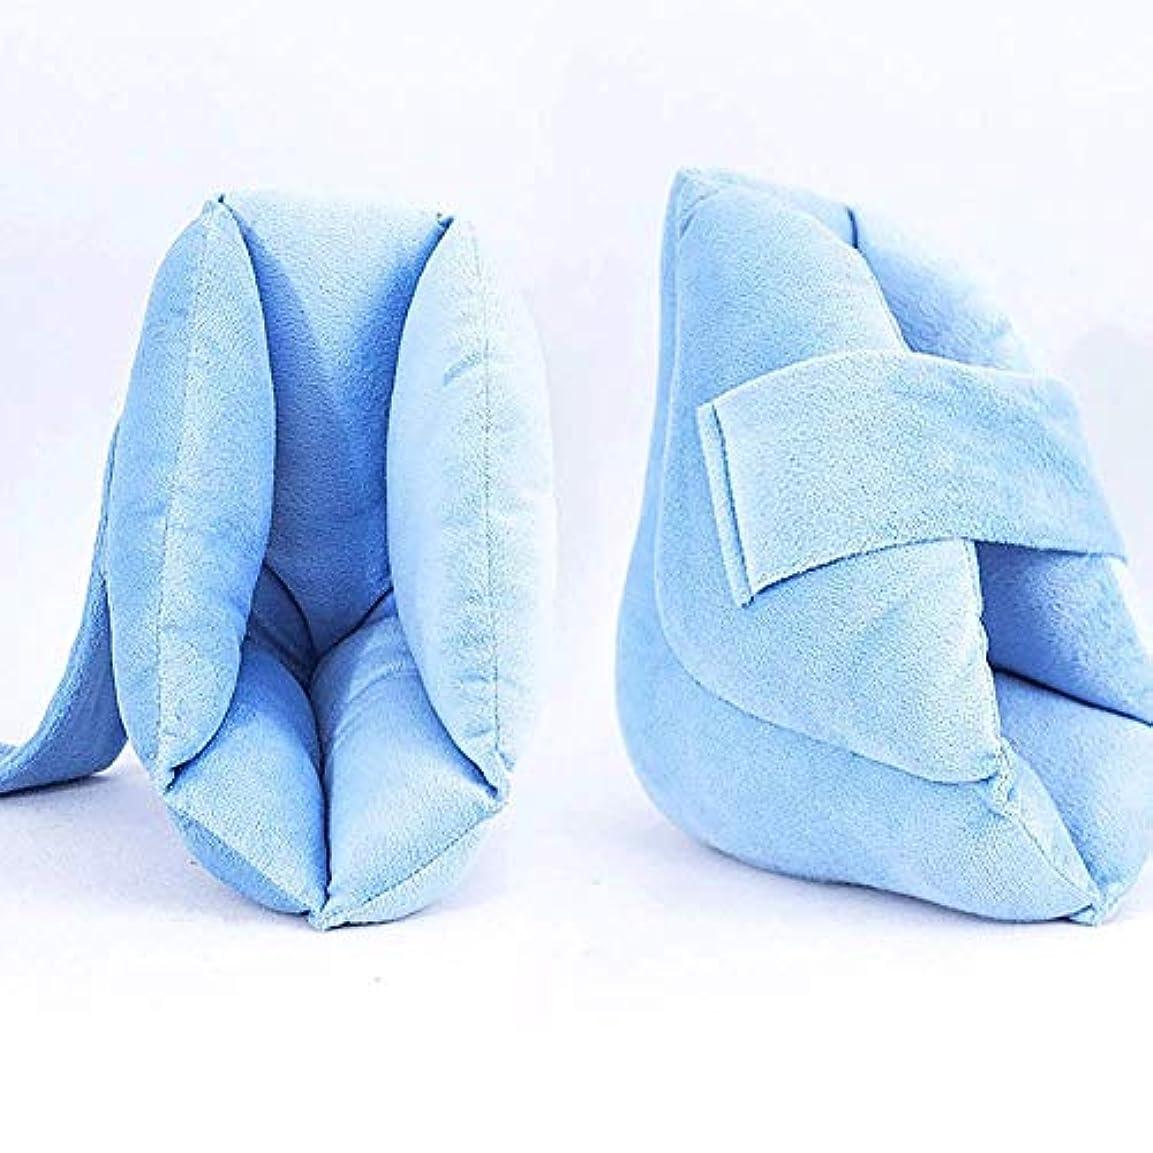 援助する正気声を出して足枕かかとクッションプロテクター-Pressure瘡とかかと潰瘍の救済 高弾性スポンジ充填、ライトブルー-1ペア